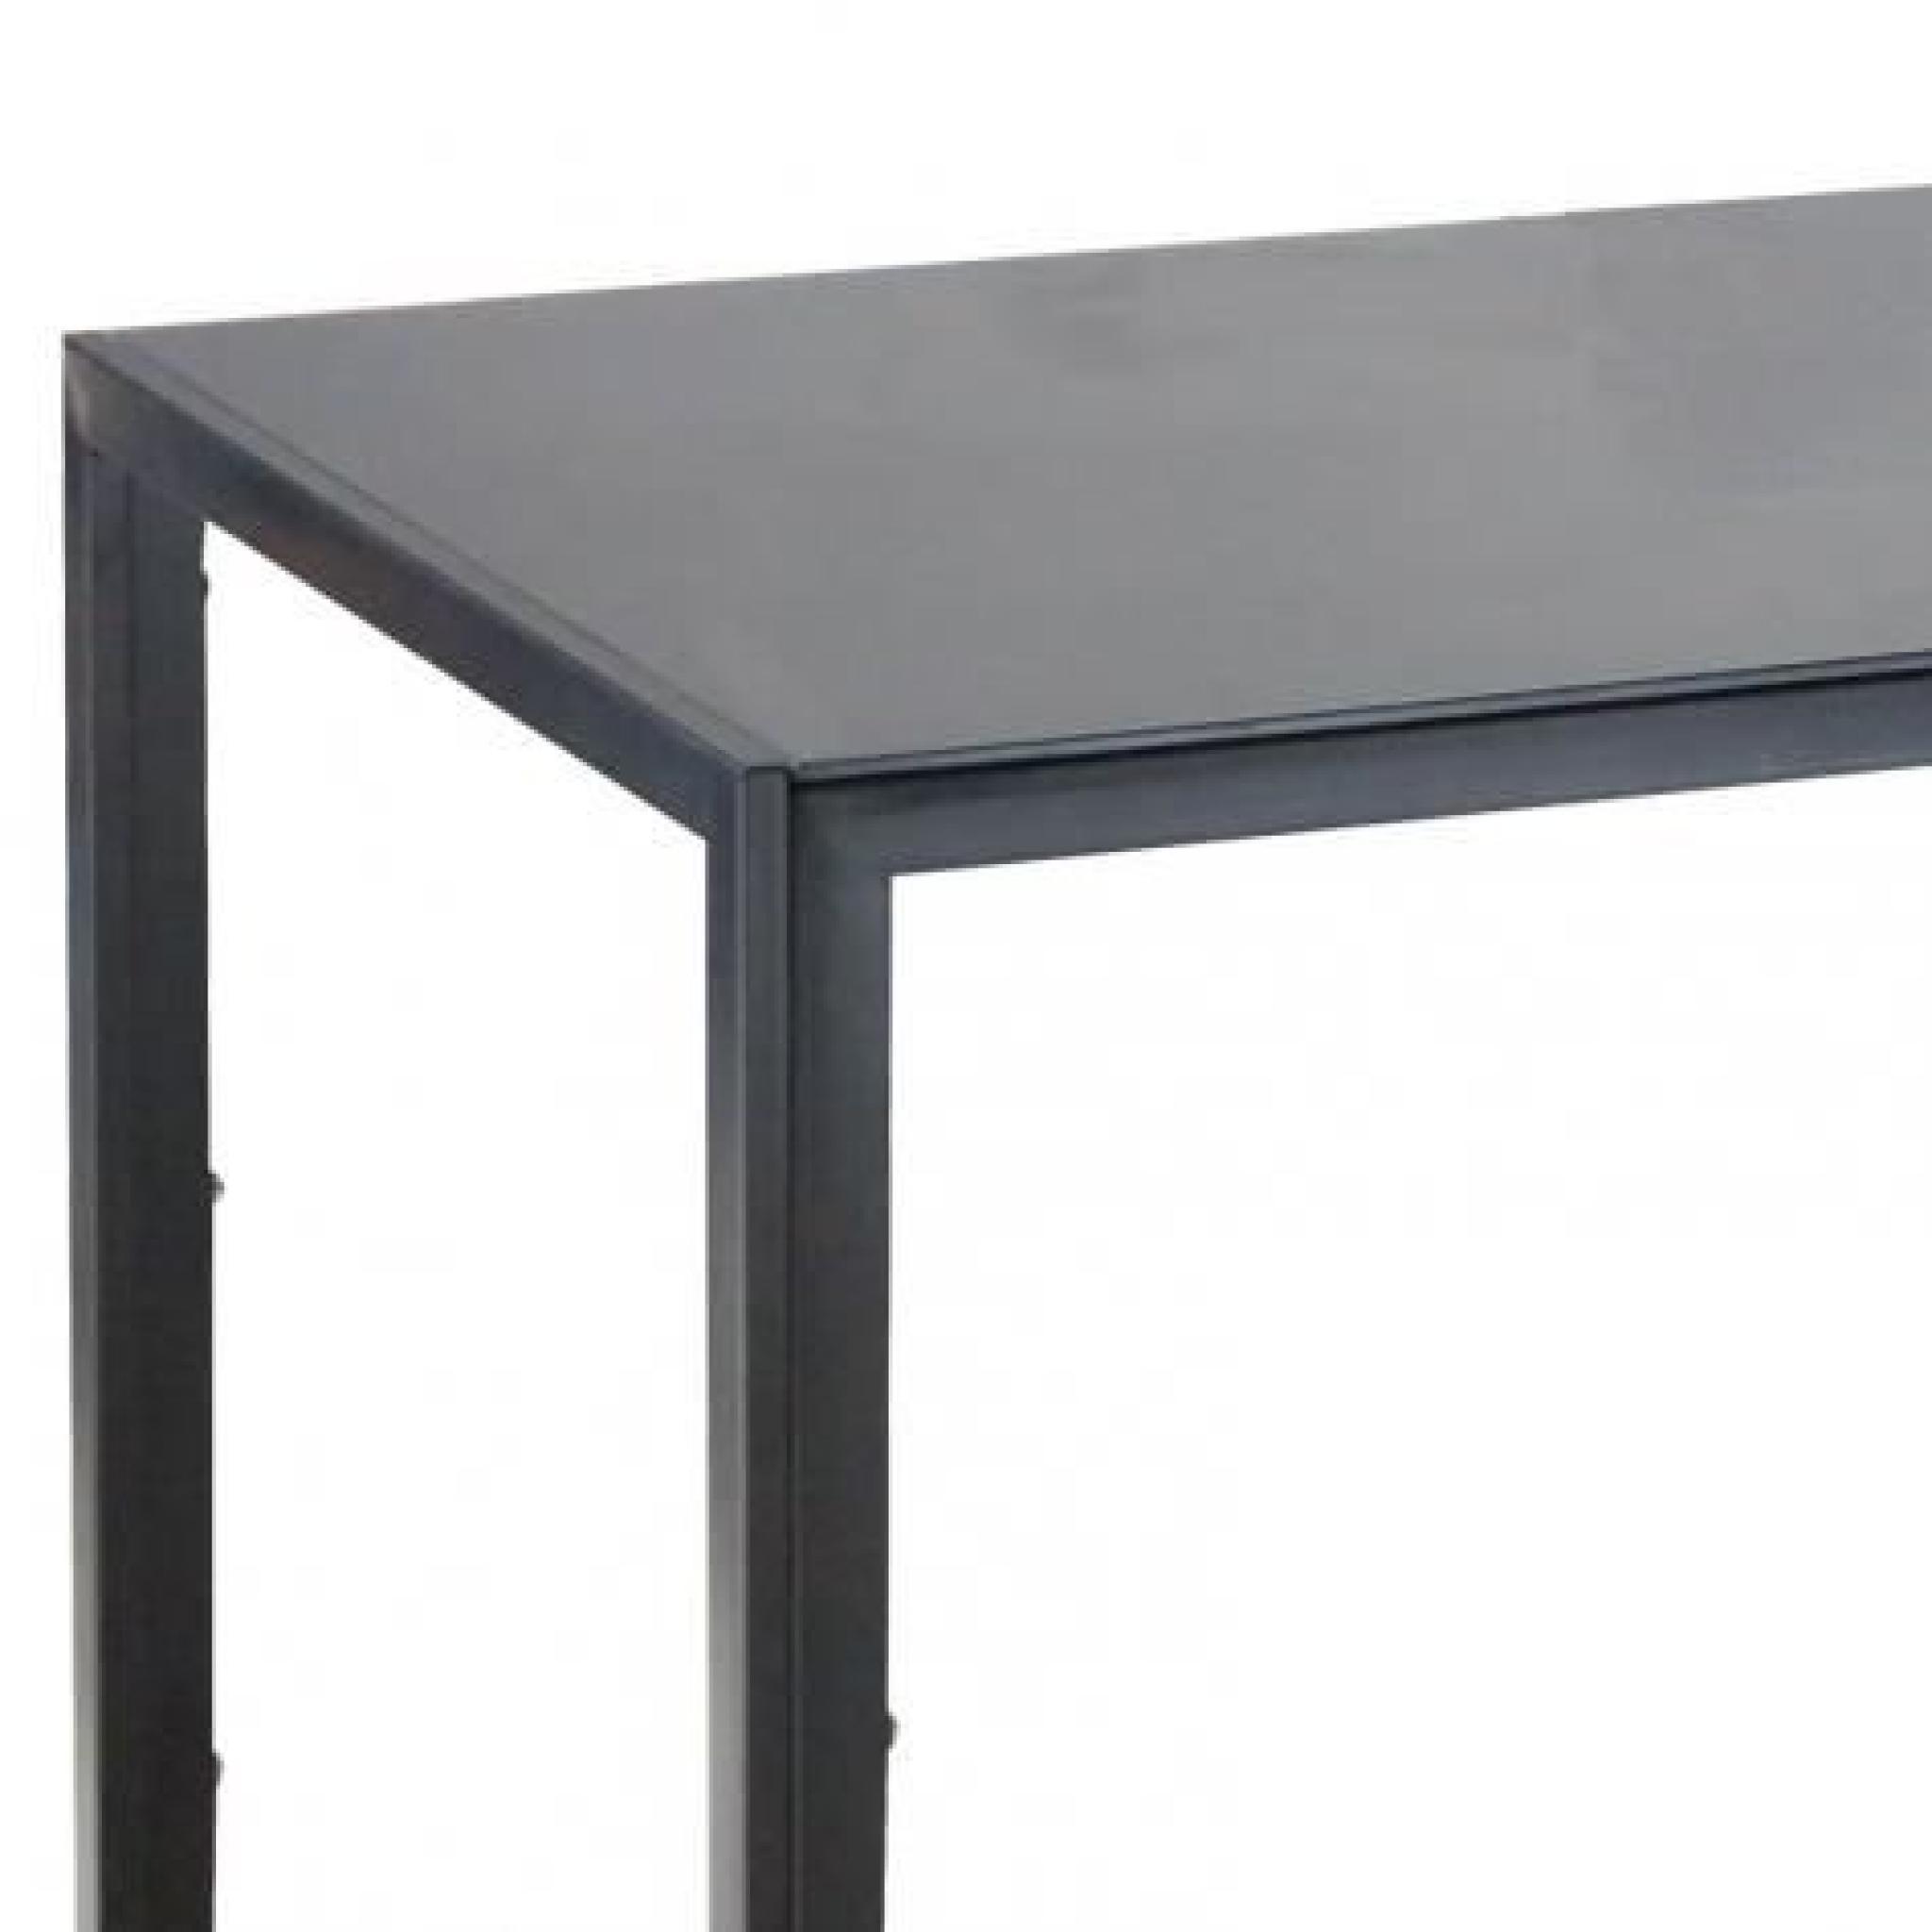 Table à manger en verre noir Malia - Achat/Vente table salle a ...